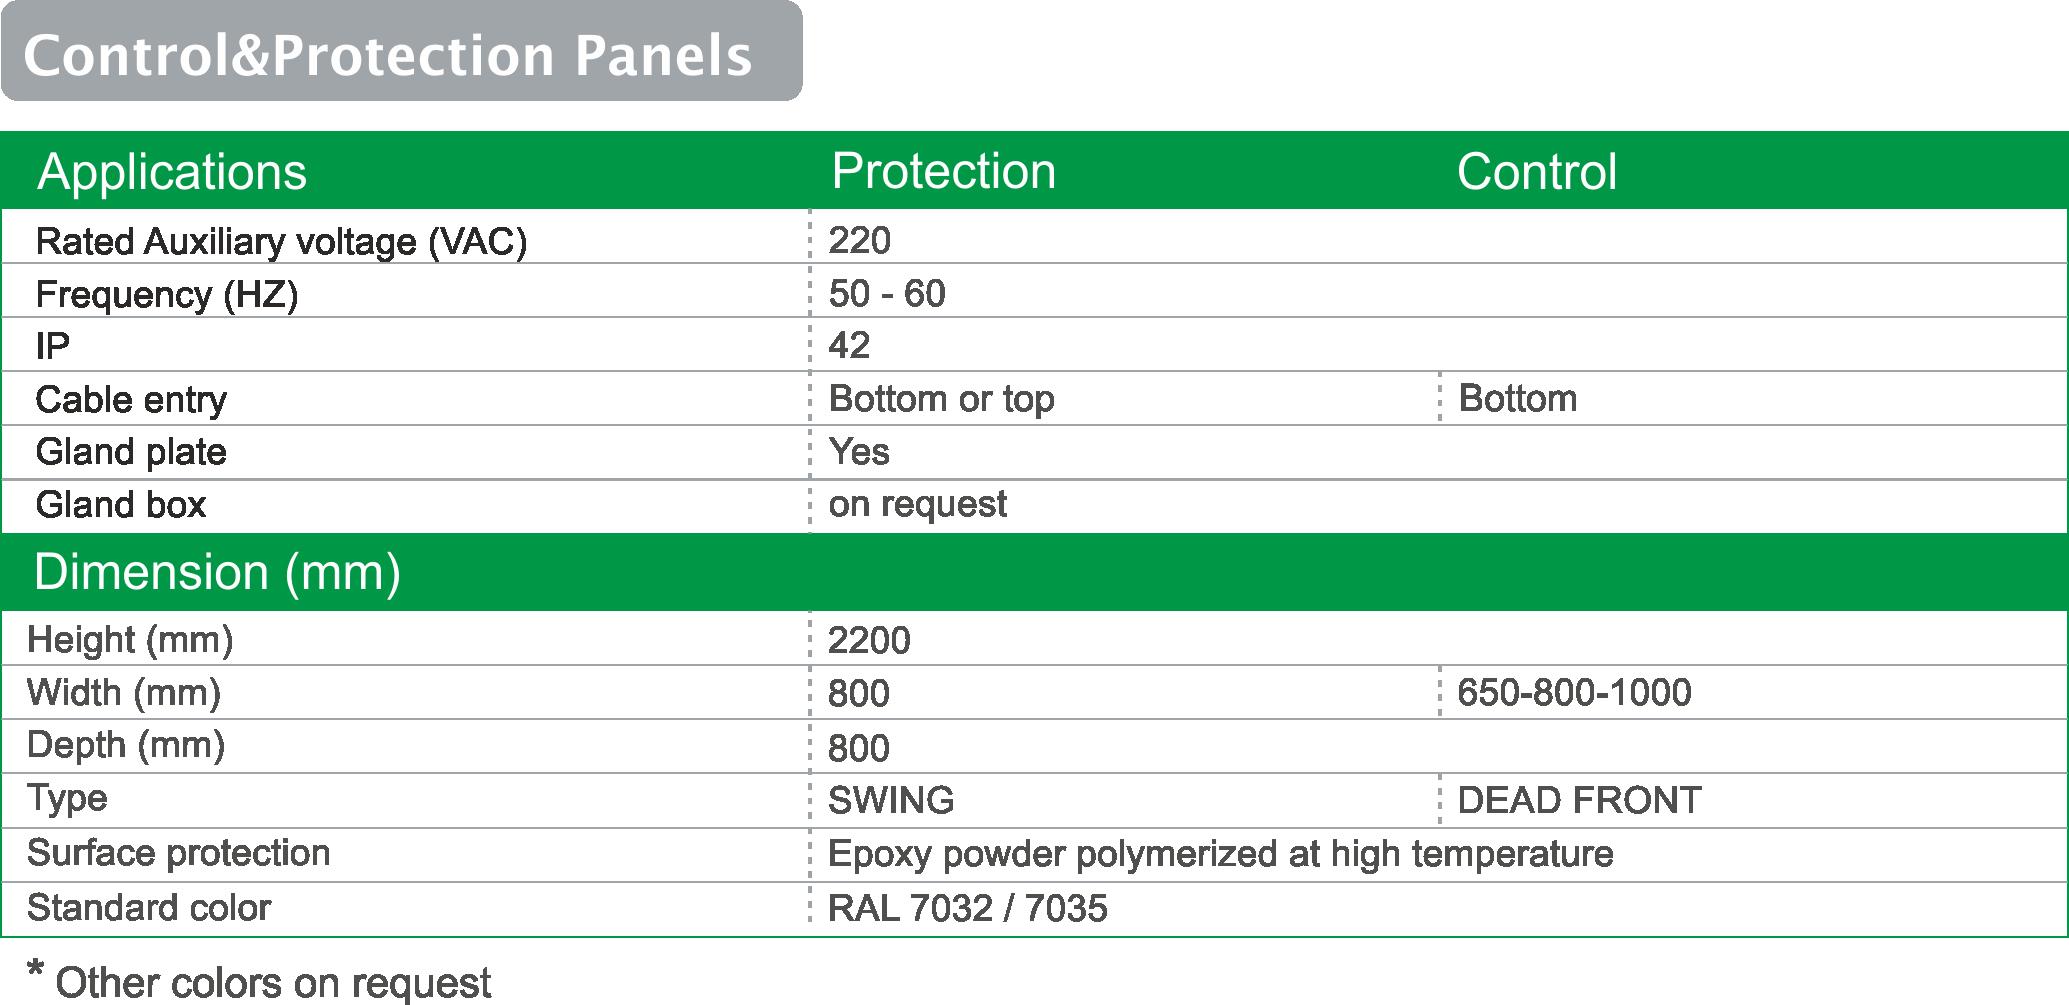 کاتالوگ تابلوهای Control & Protection فشار ضعیف ثابت